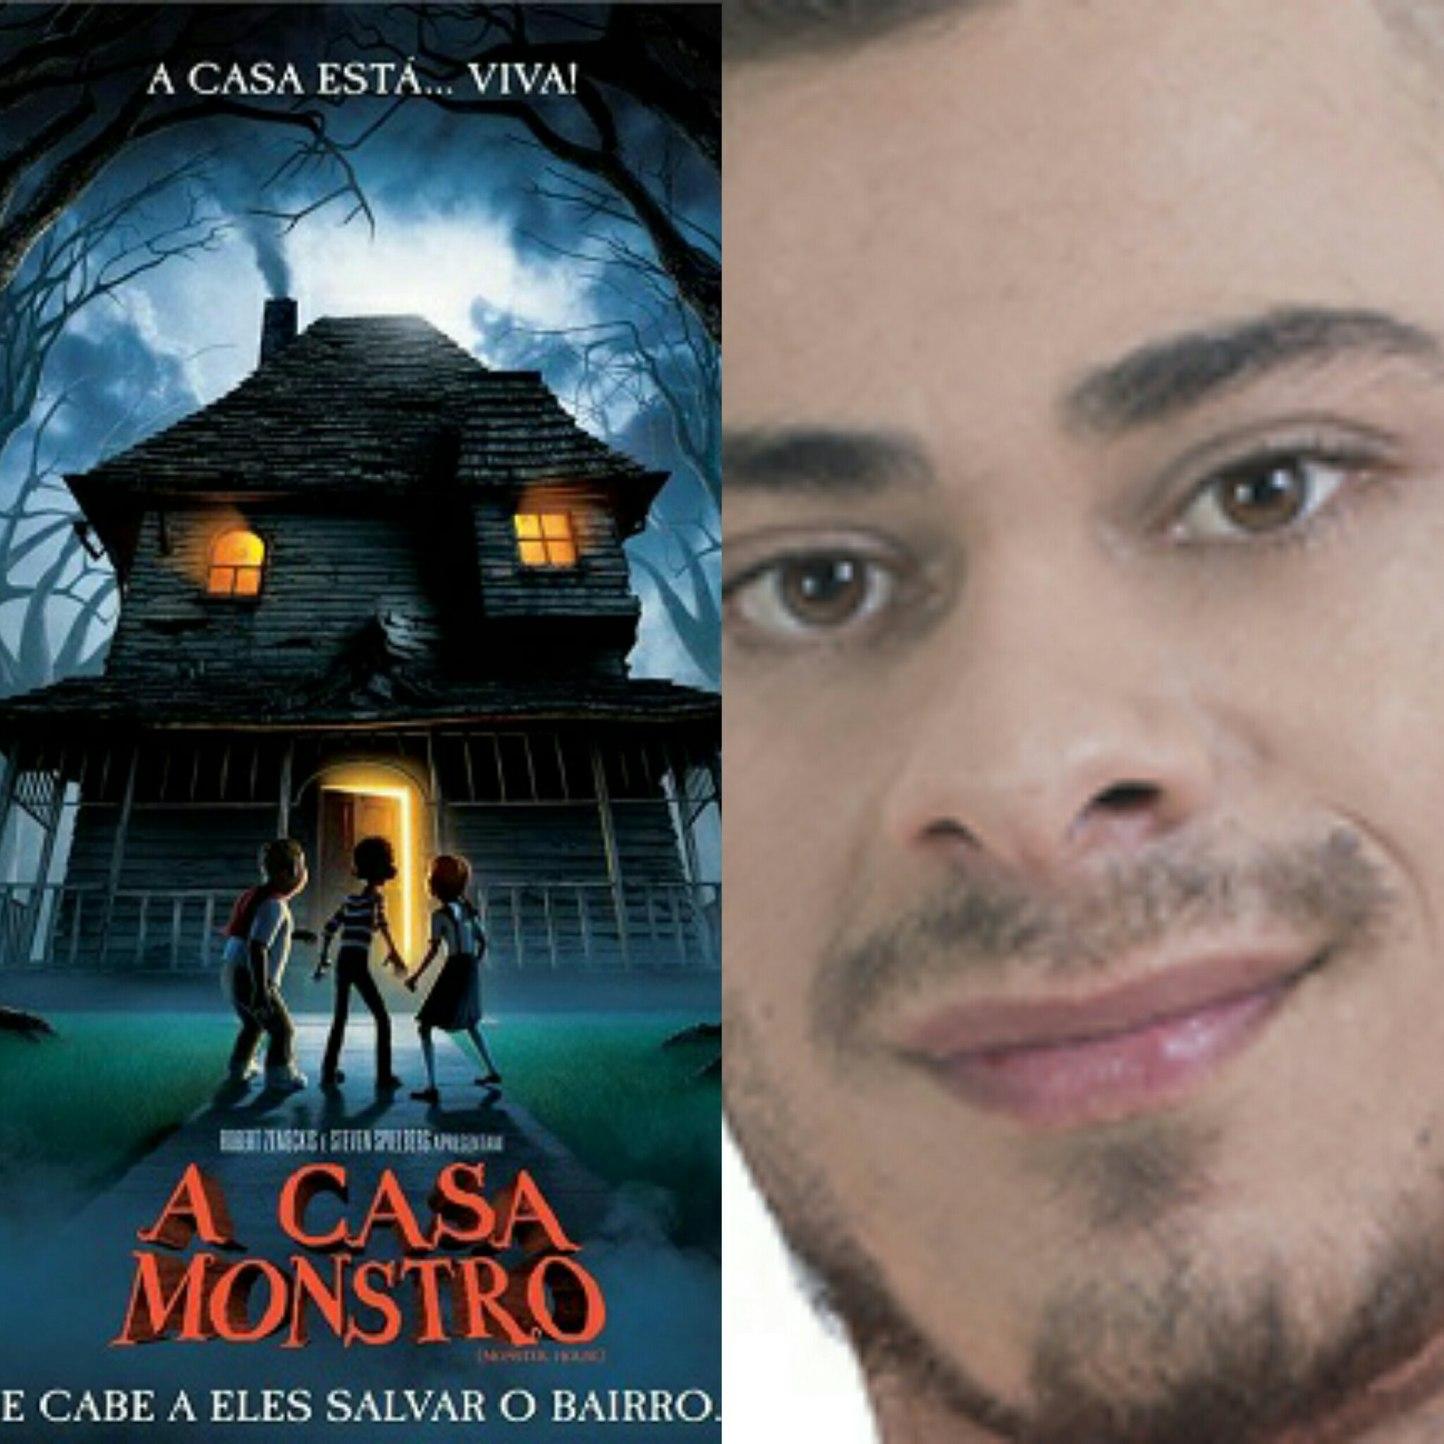 A casa monstro - meme